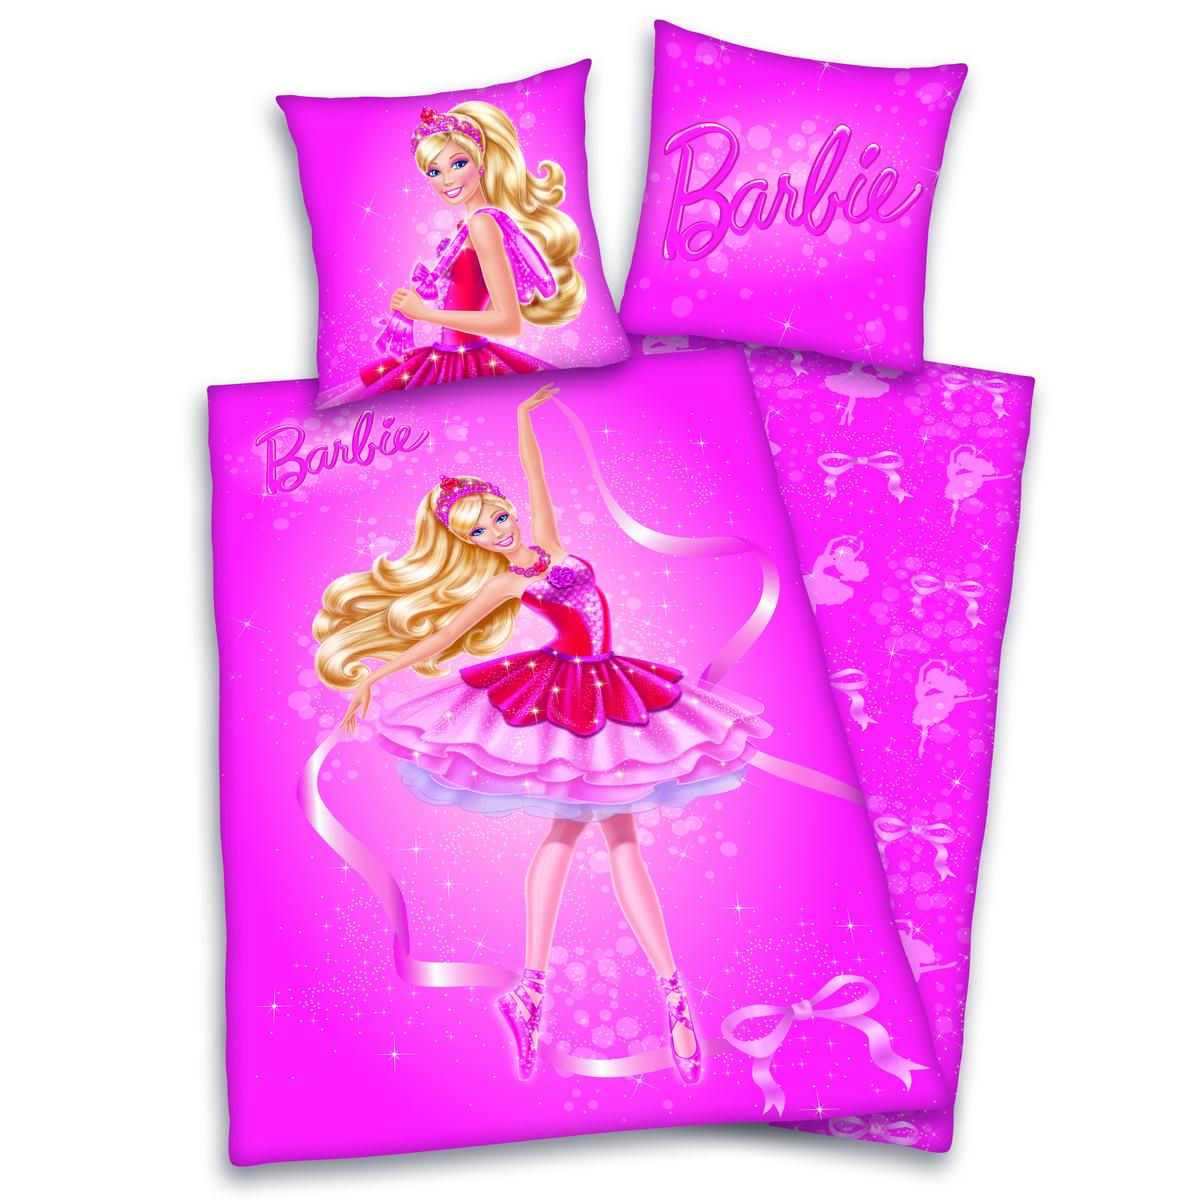 Herding Detské bavlnené obliečky Barbie, 140 x 200 cm, 70 x 90 cm